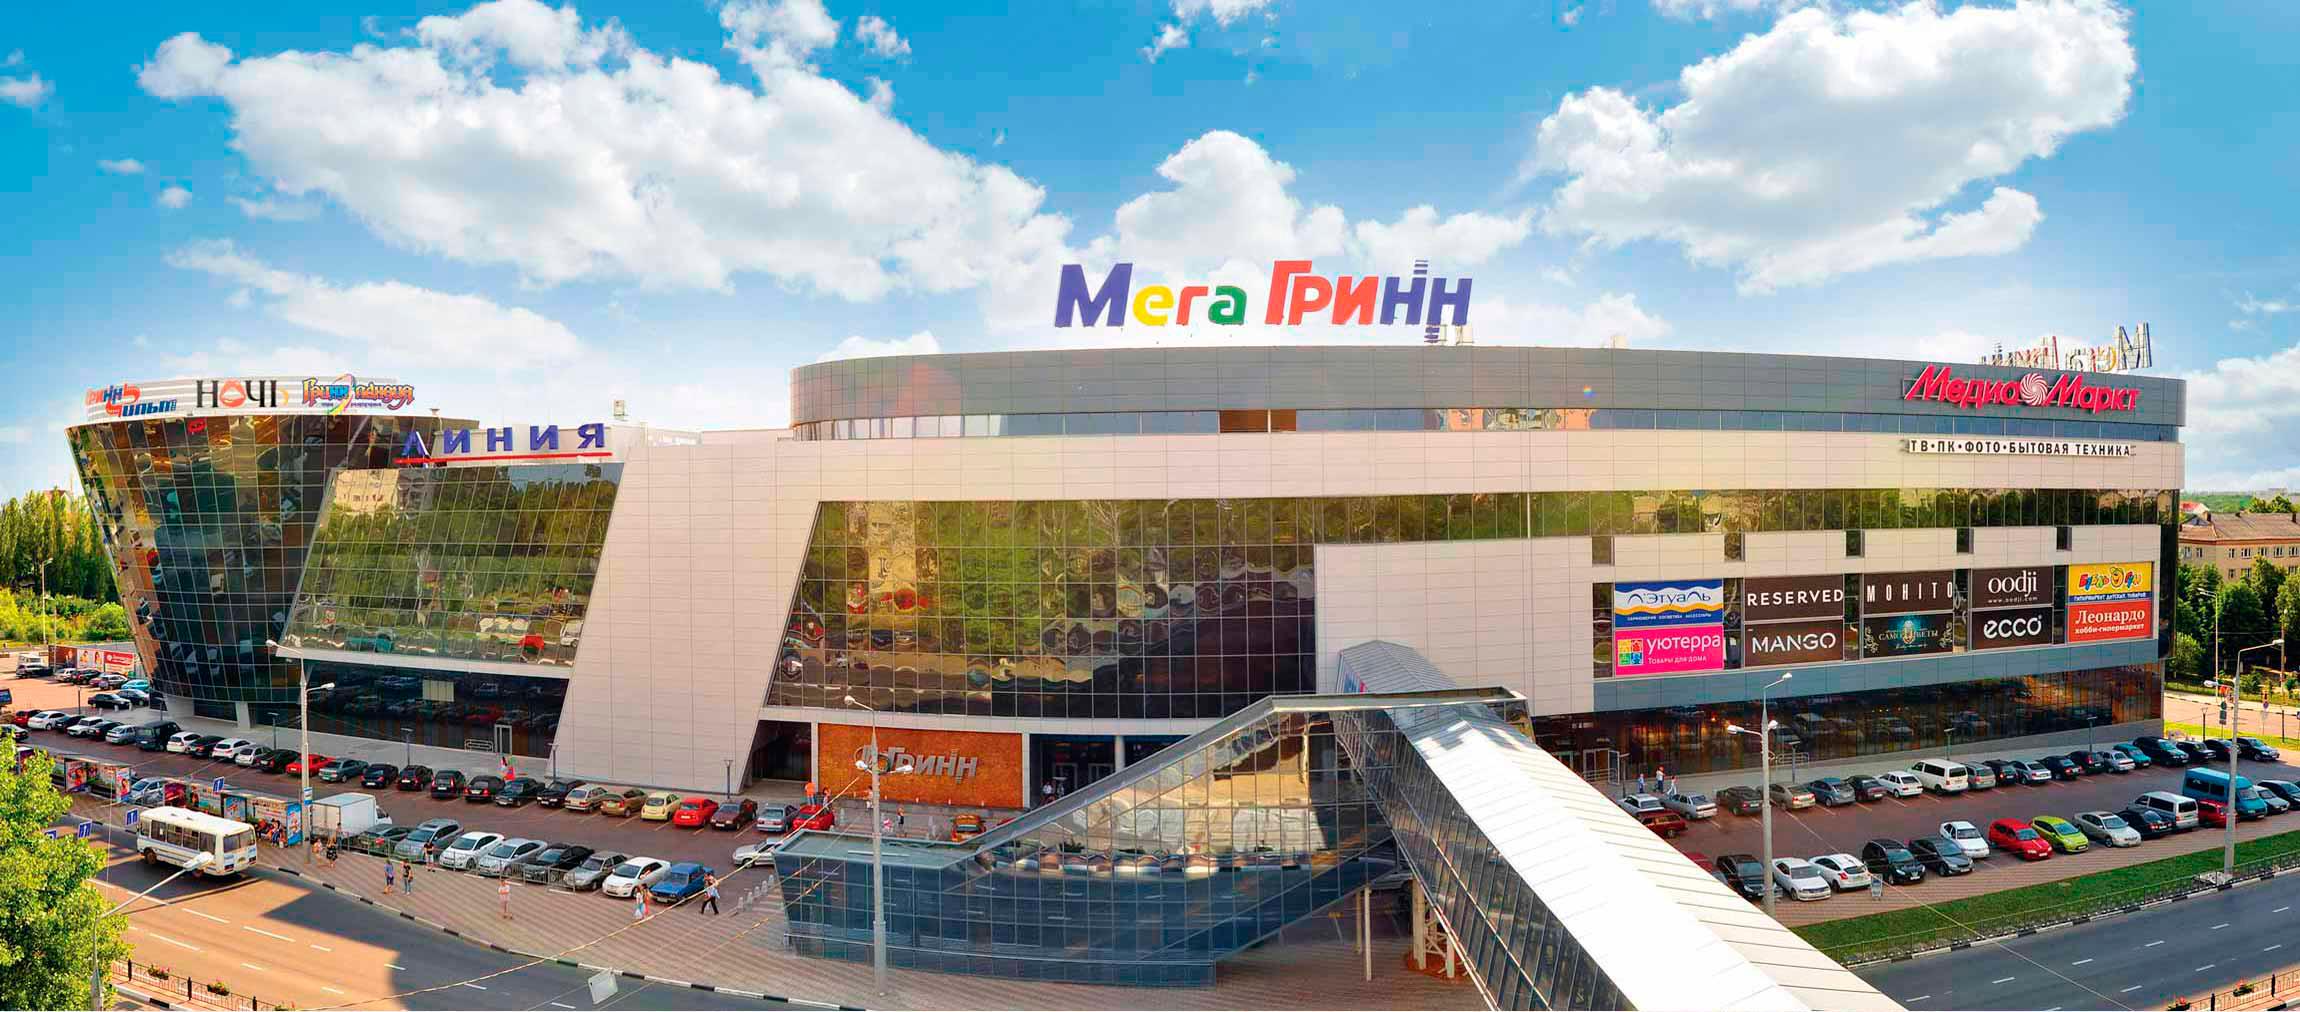 Ночные клуб гринн в курске американские разговорные клубы в москве